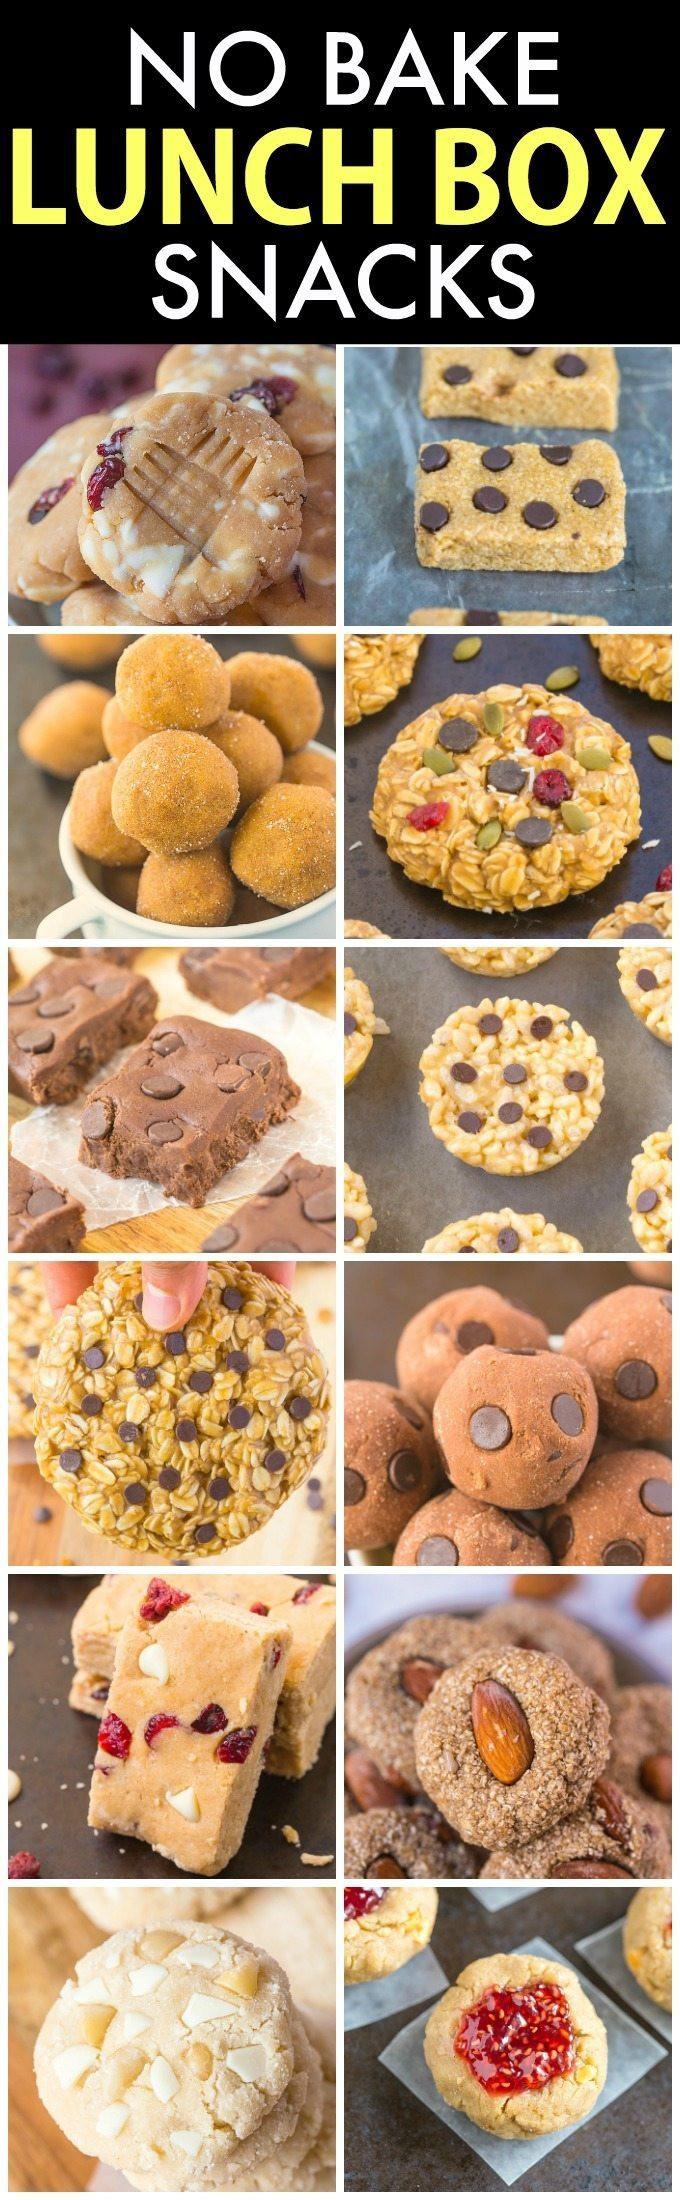 No Bake Healthy Snacks  The Ultimate Healthy No Bake Snacks